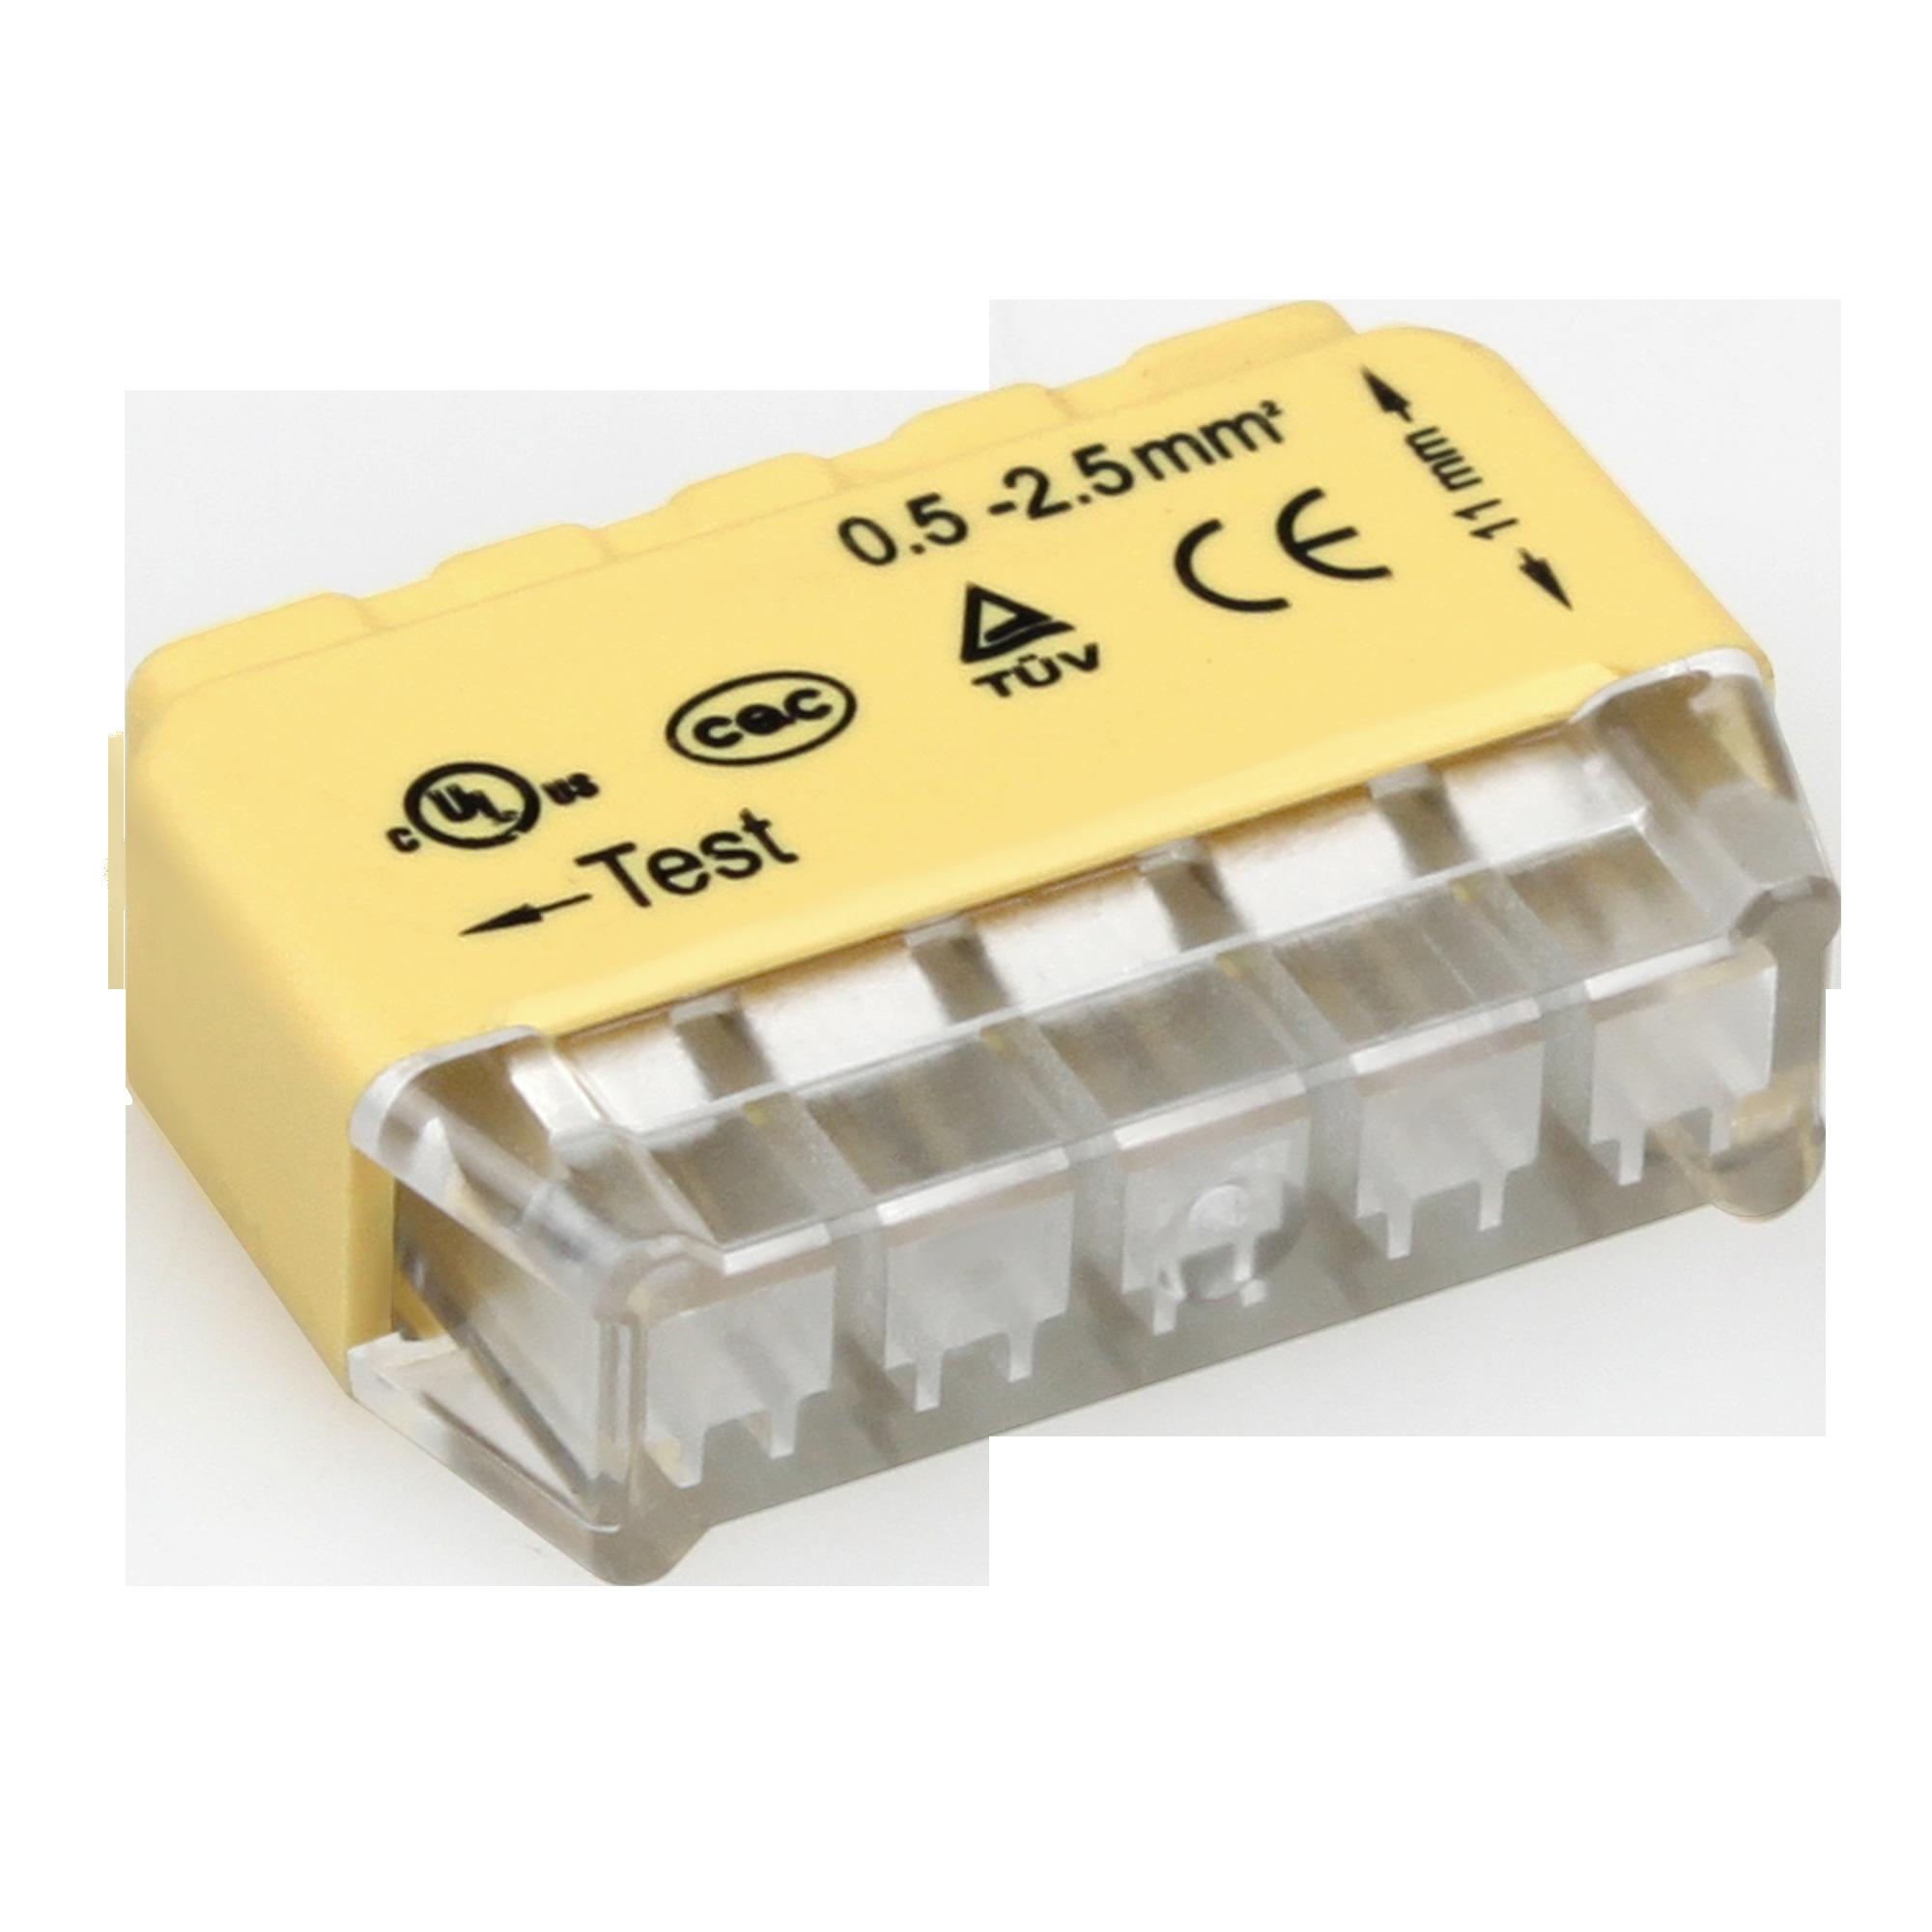 Złączka instalacyjna wciskana 5-przewodowa;Na drut 0,75-2,5mm²; IEC 300V/24A